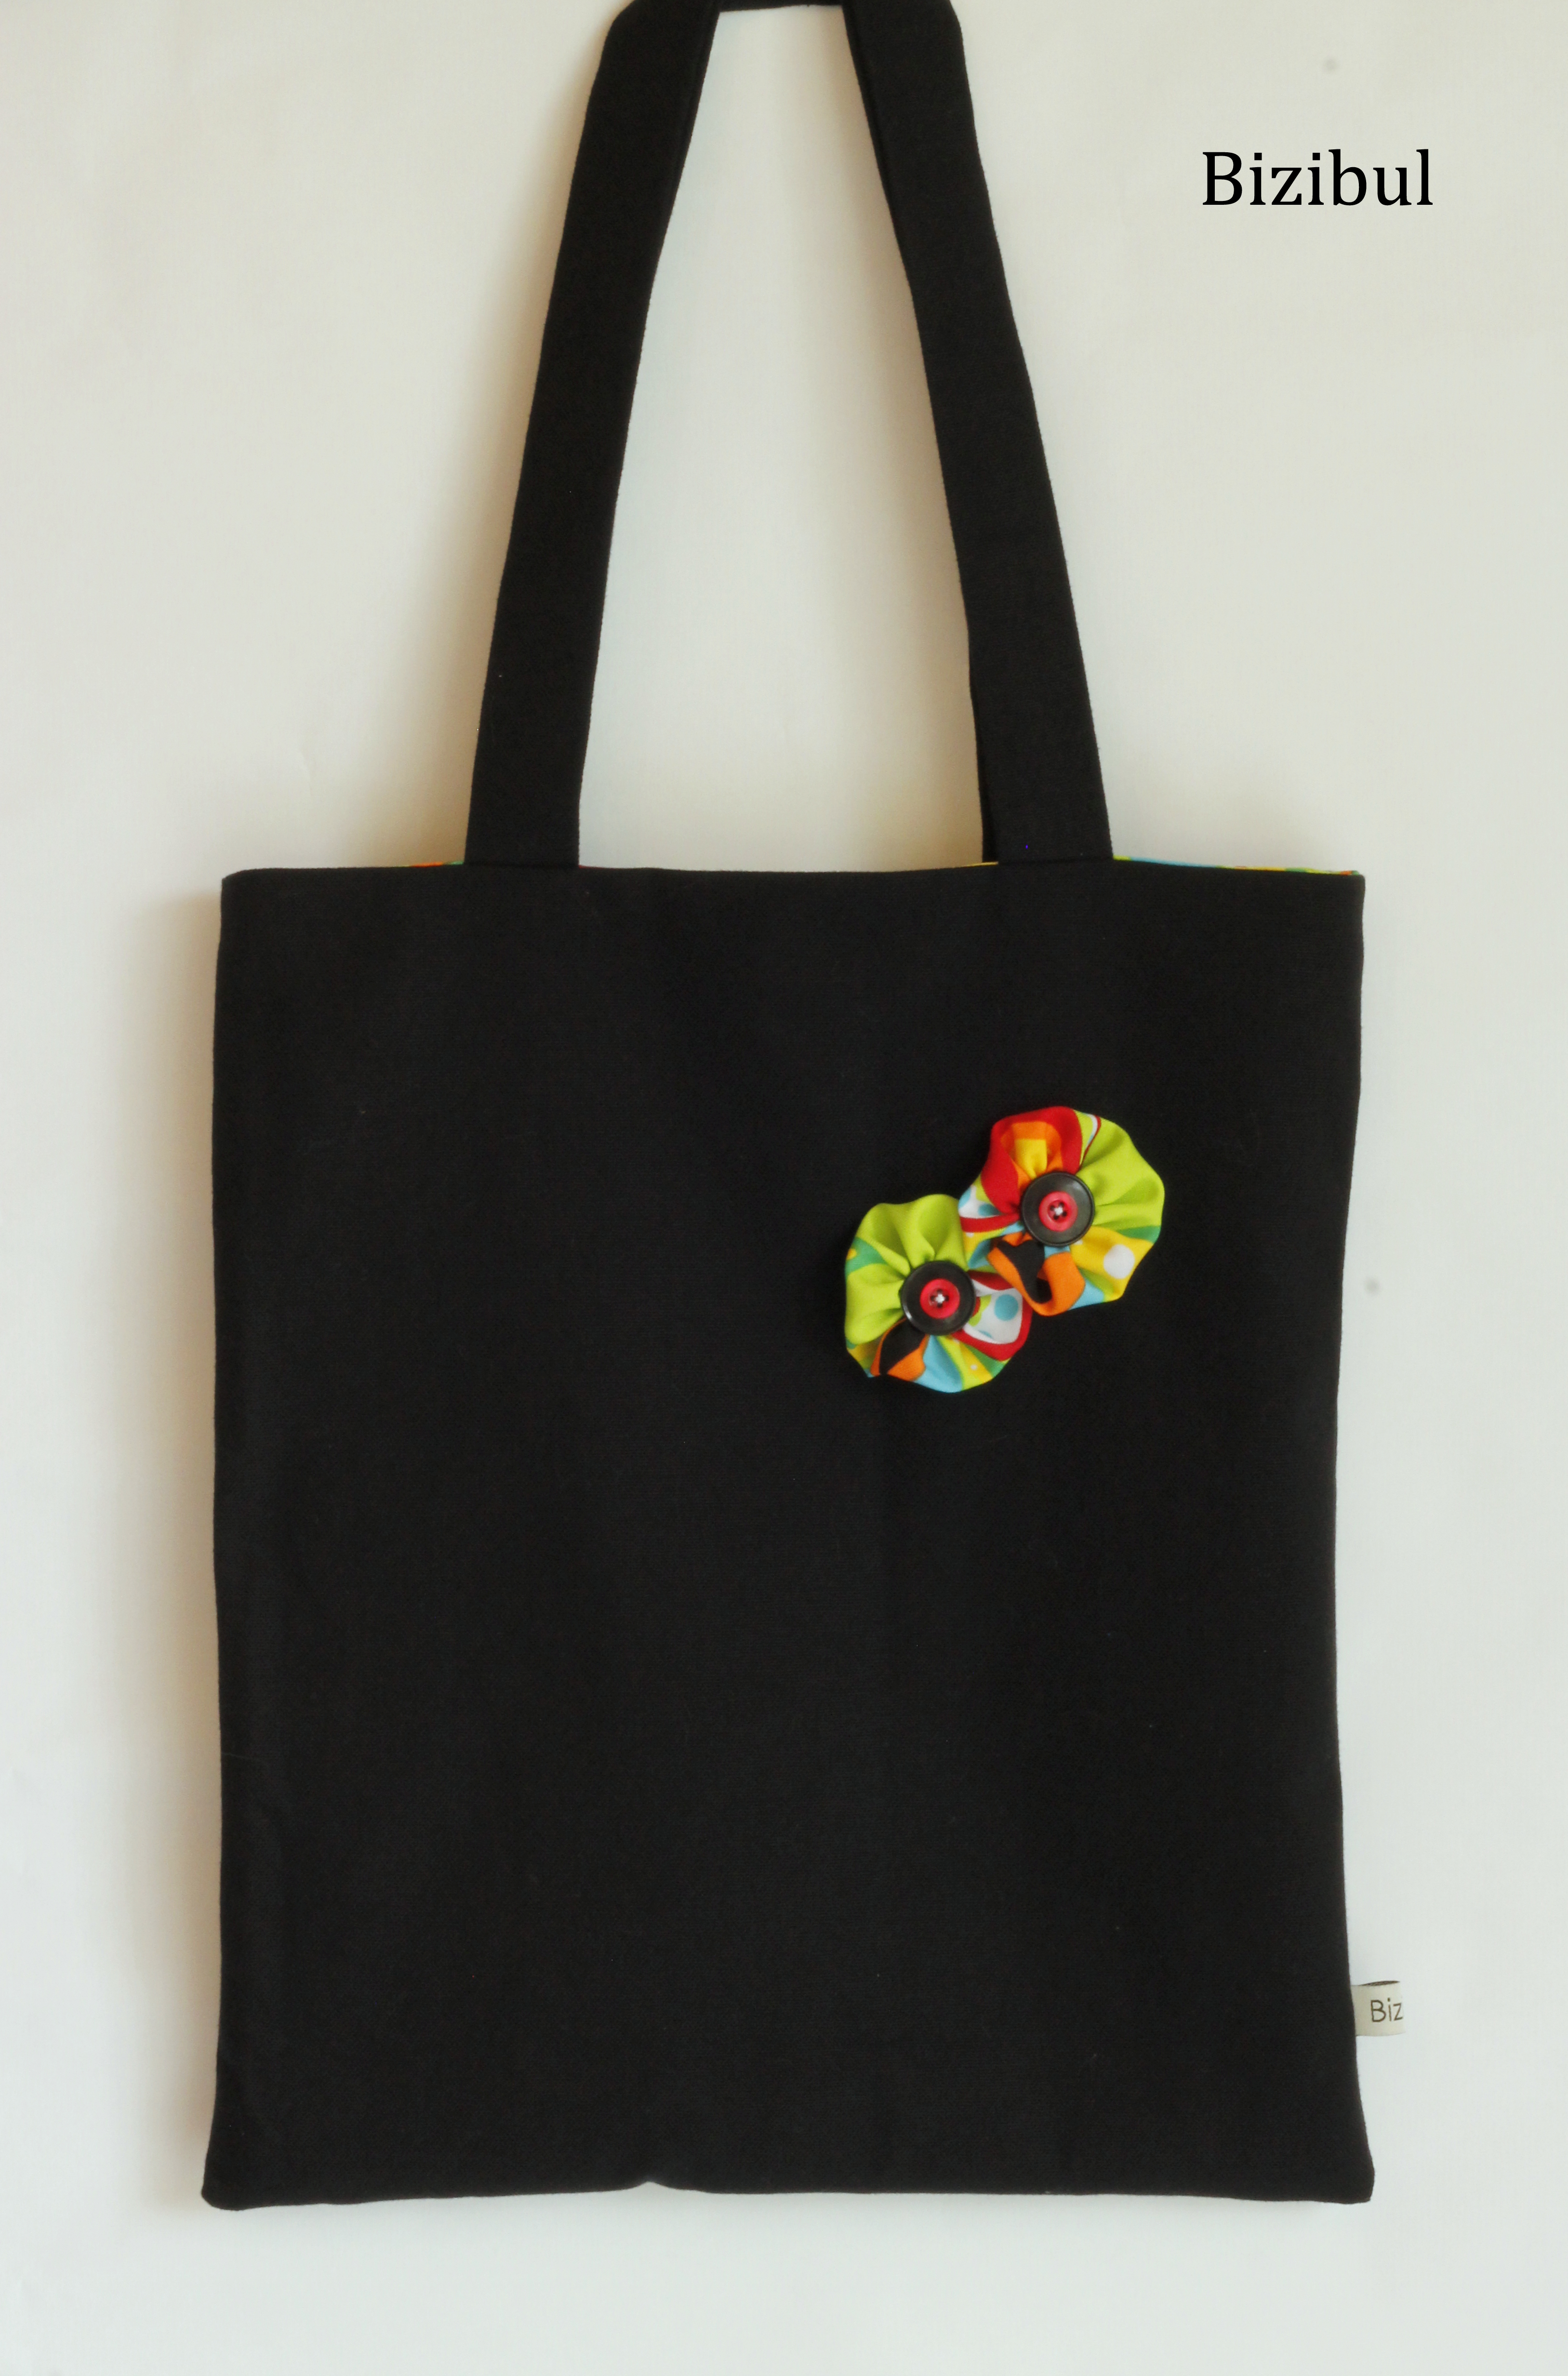 Le tote bag bizibul - Cours de couture nantes ...